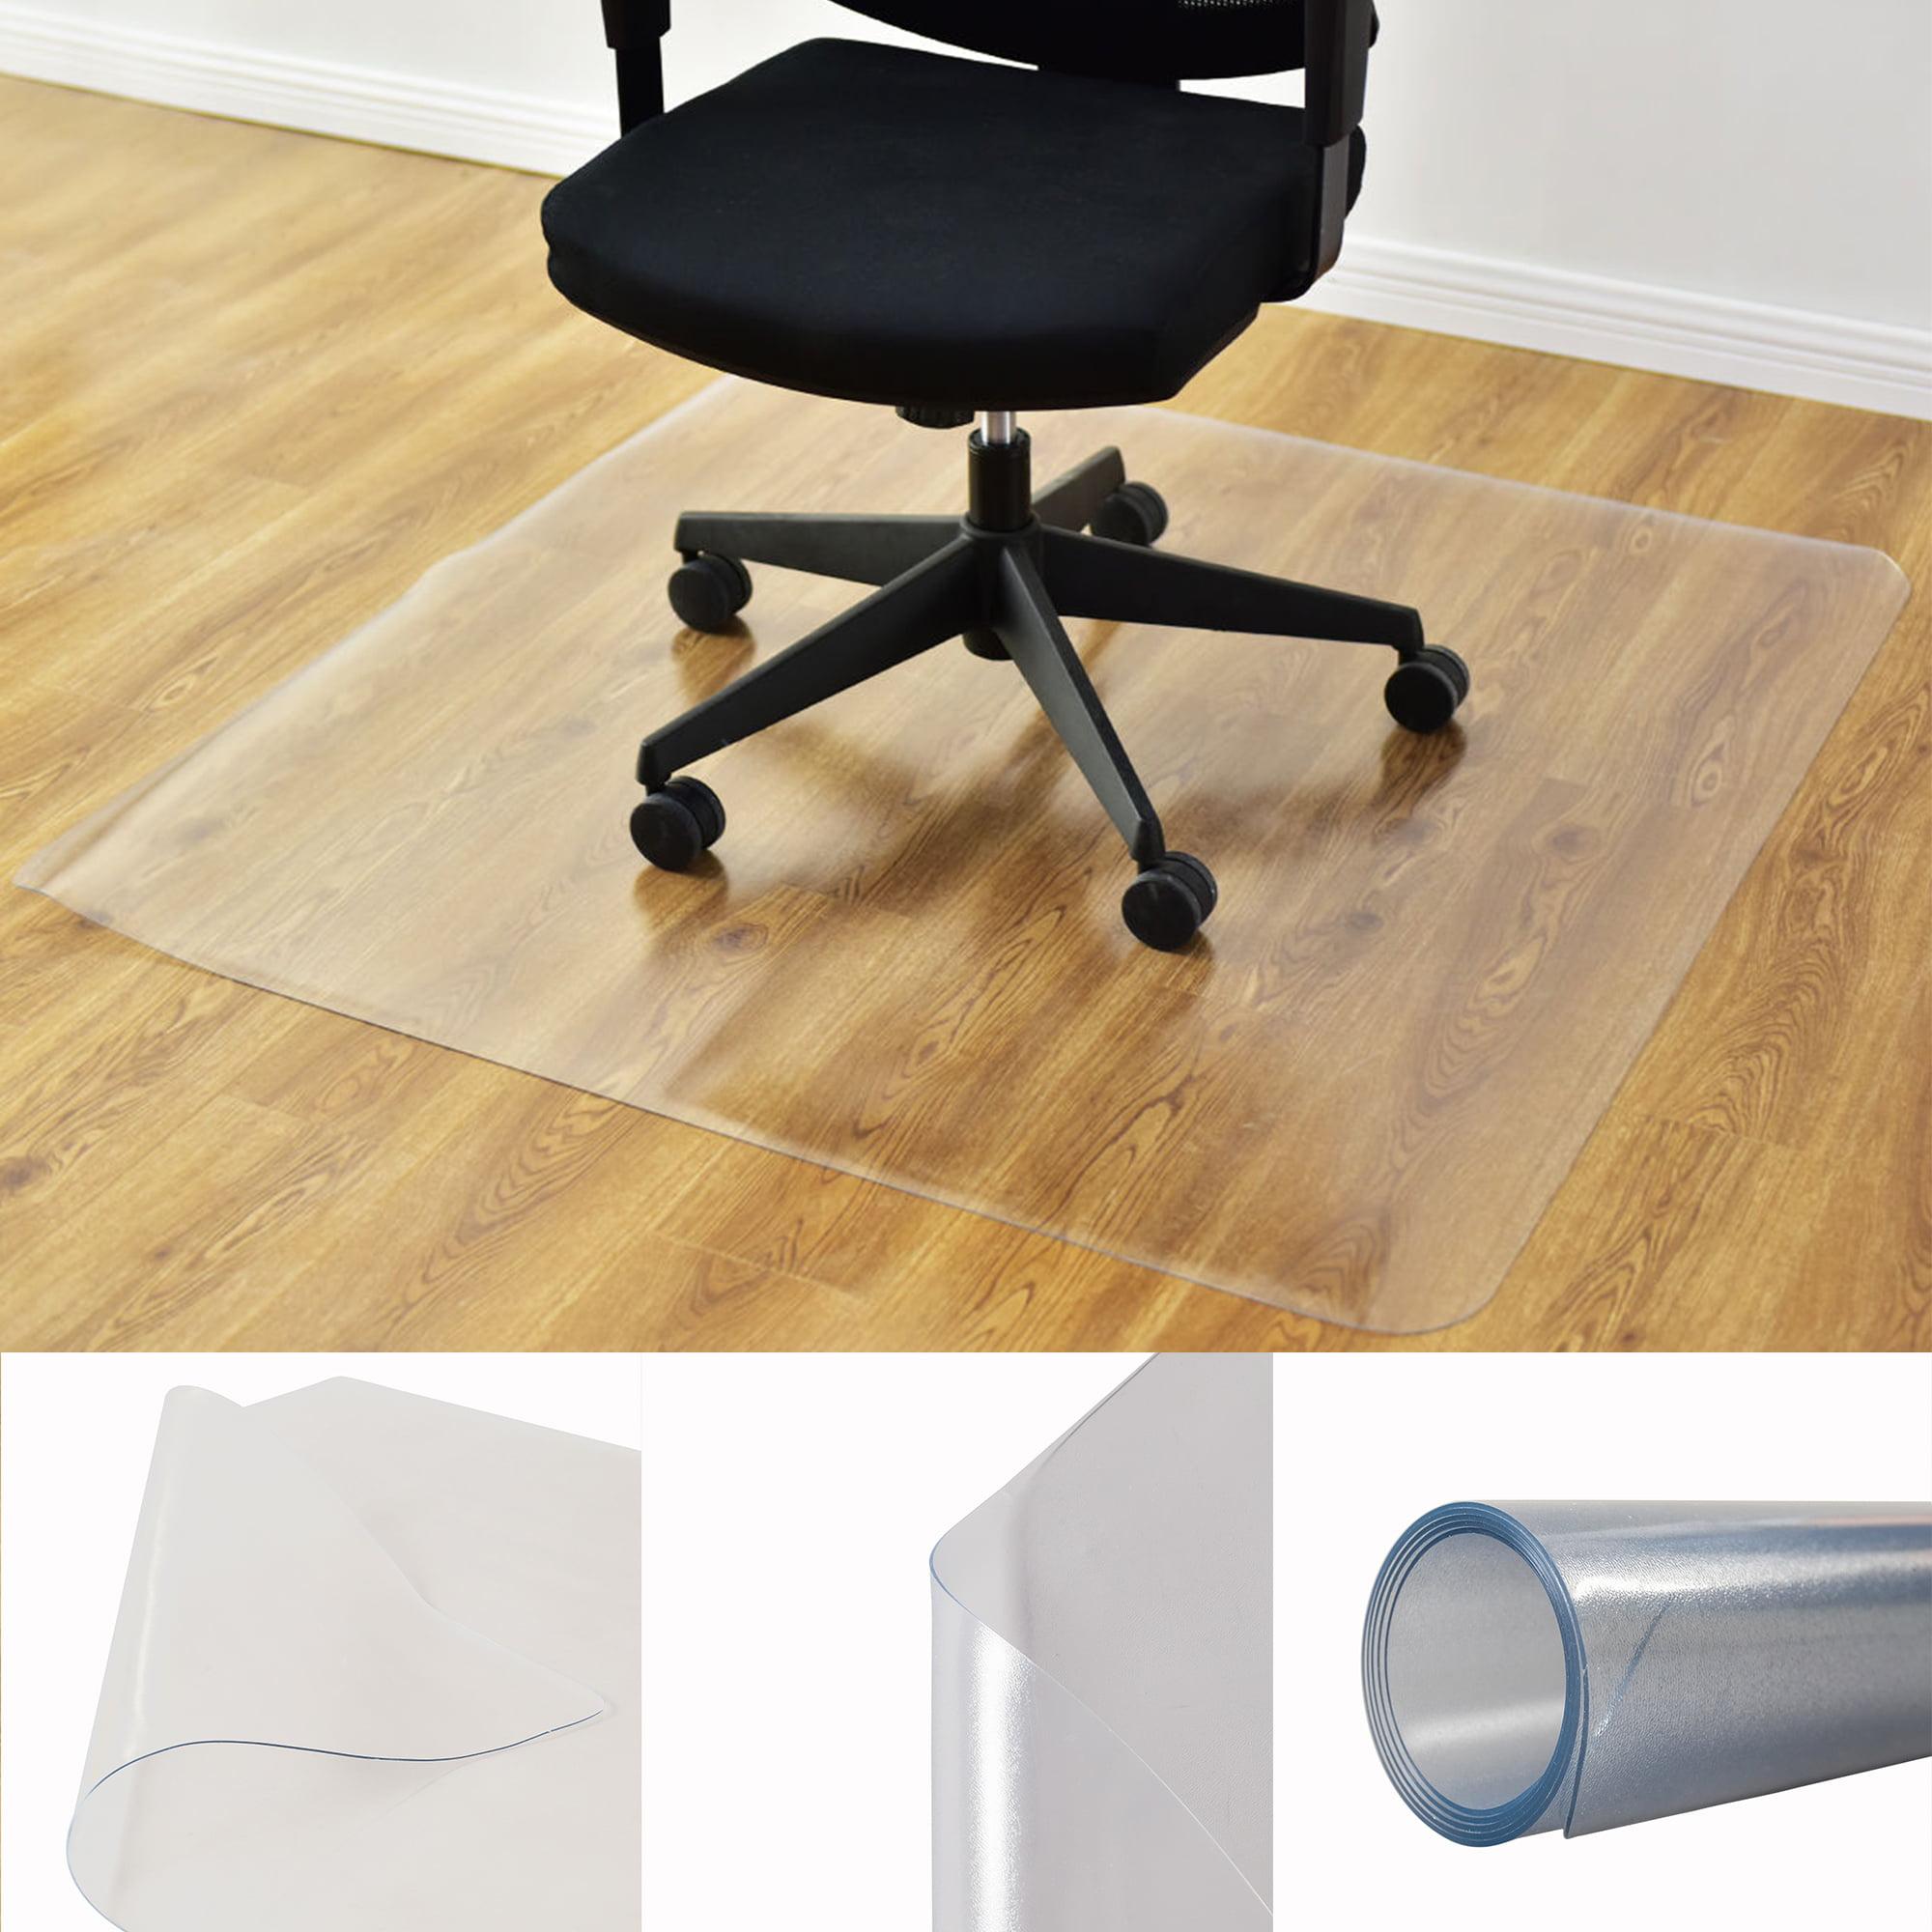 Hoommo Office Chair Mat, PVC Transparent Hard Floor Protector Office Floor  Desk Chair Computer Chair Mat - Walmart.com